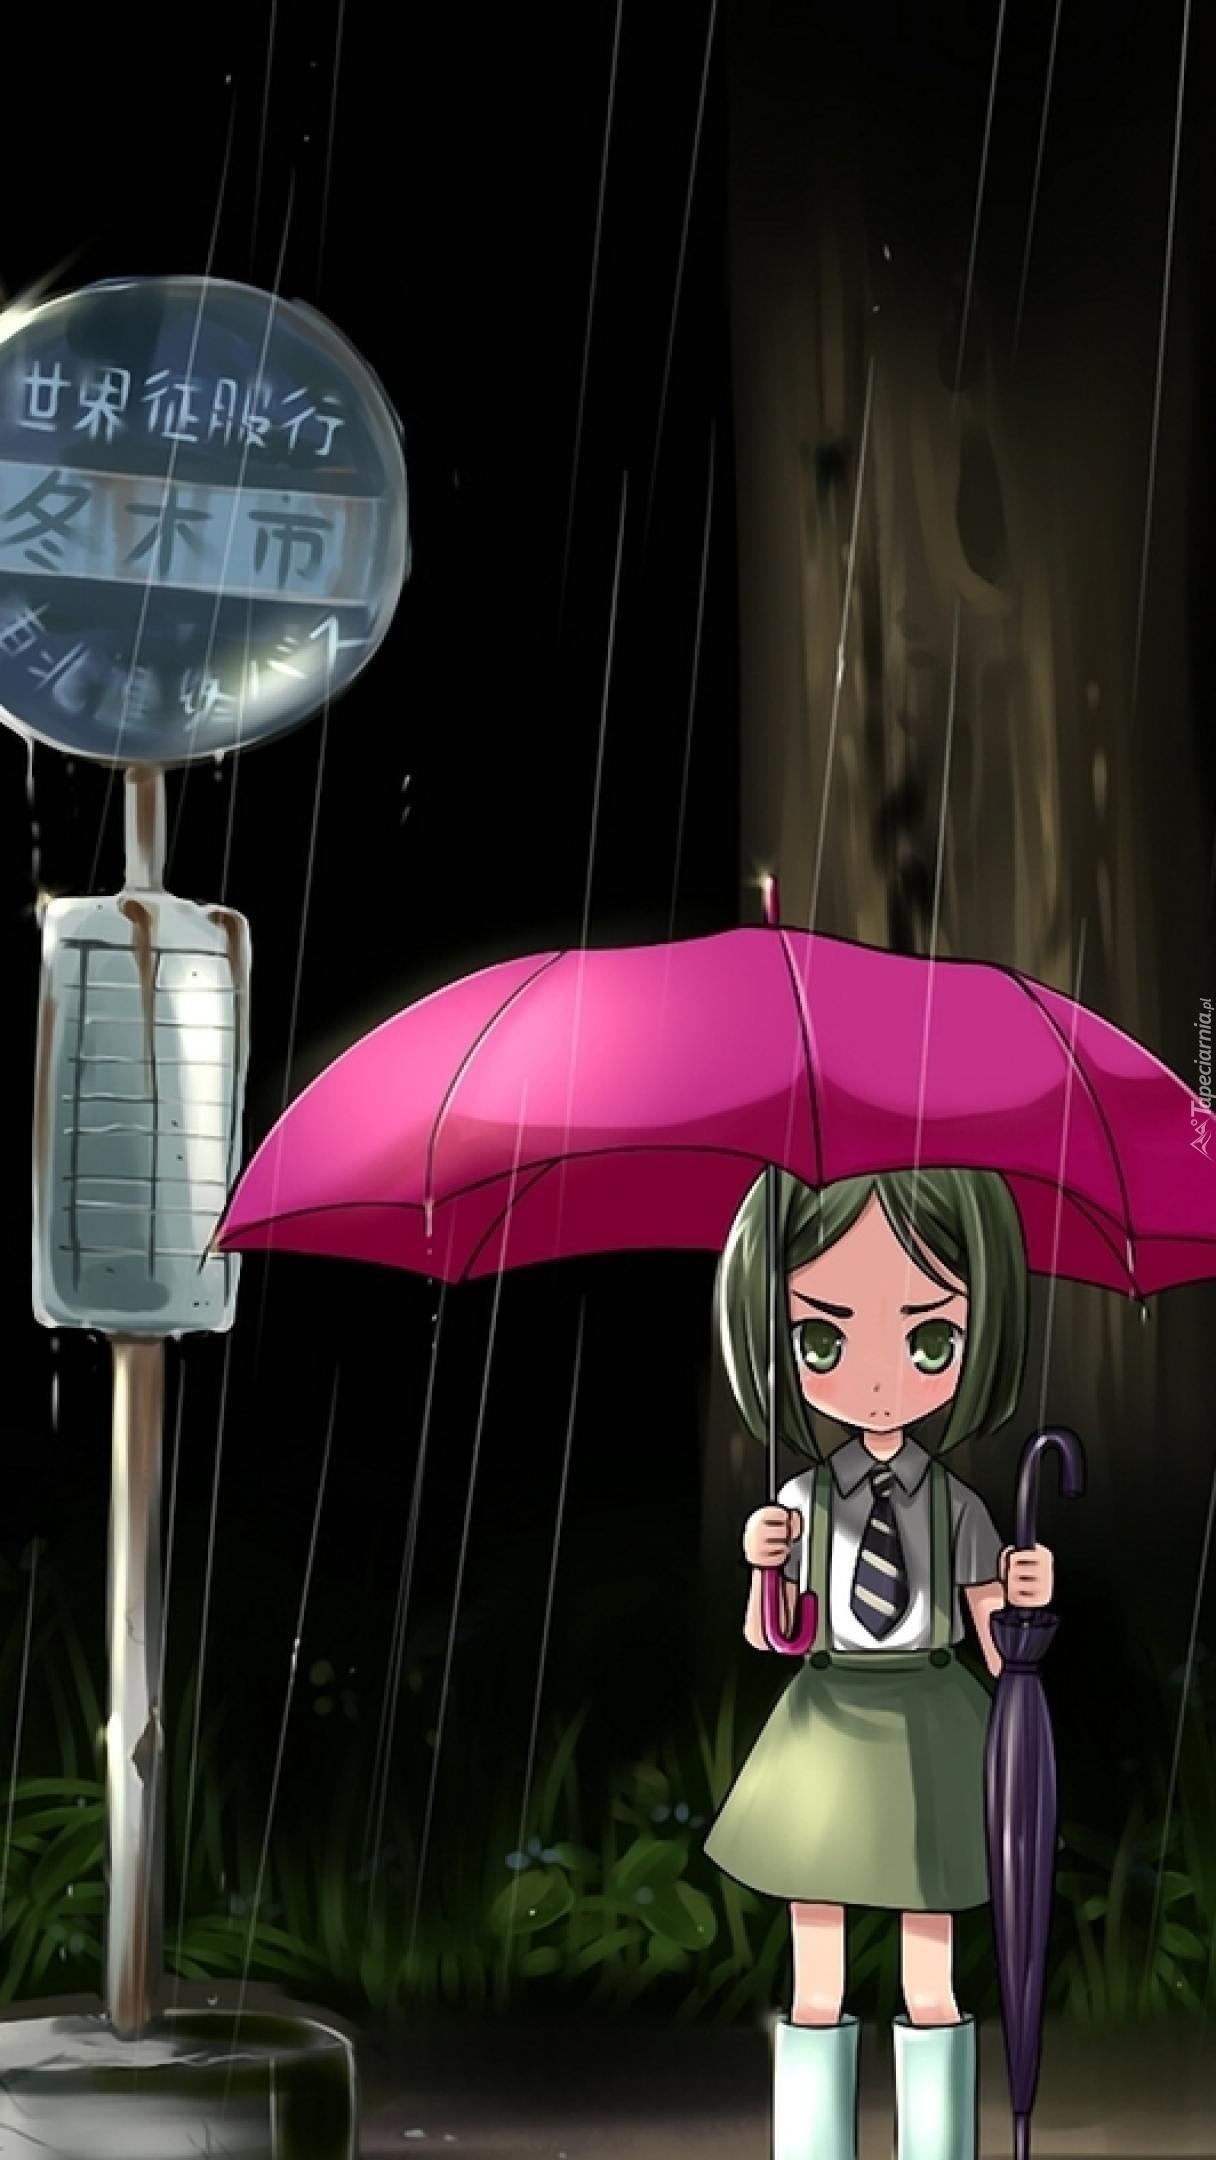 Na przystanku w deszczu